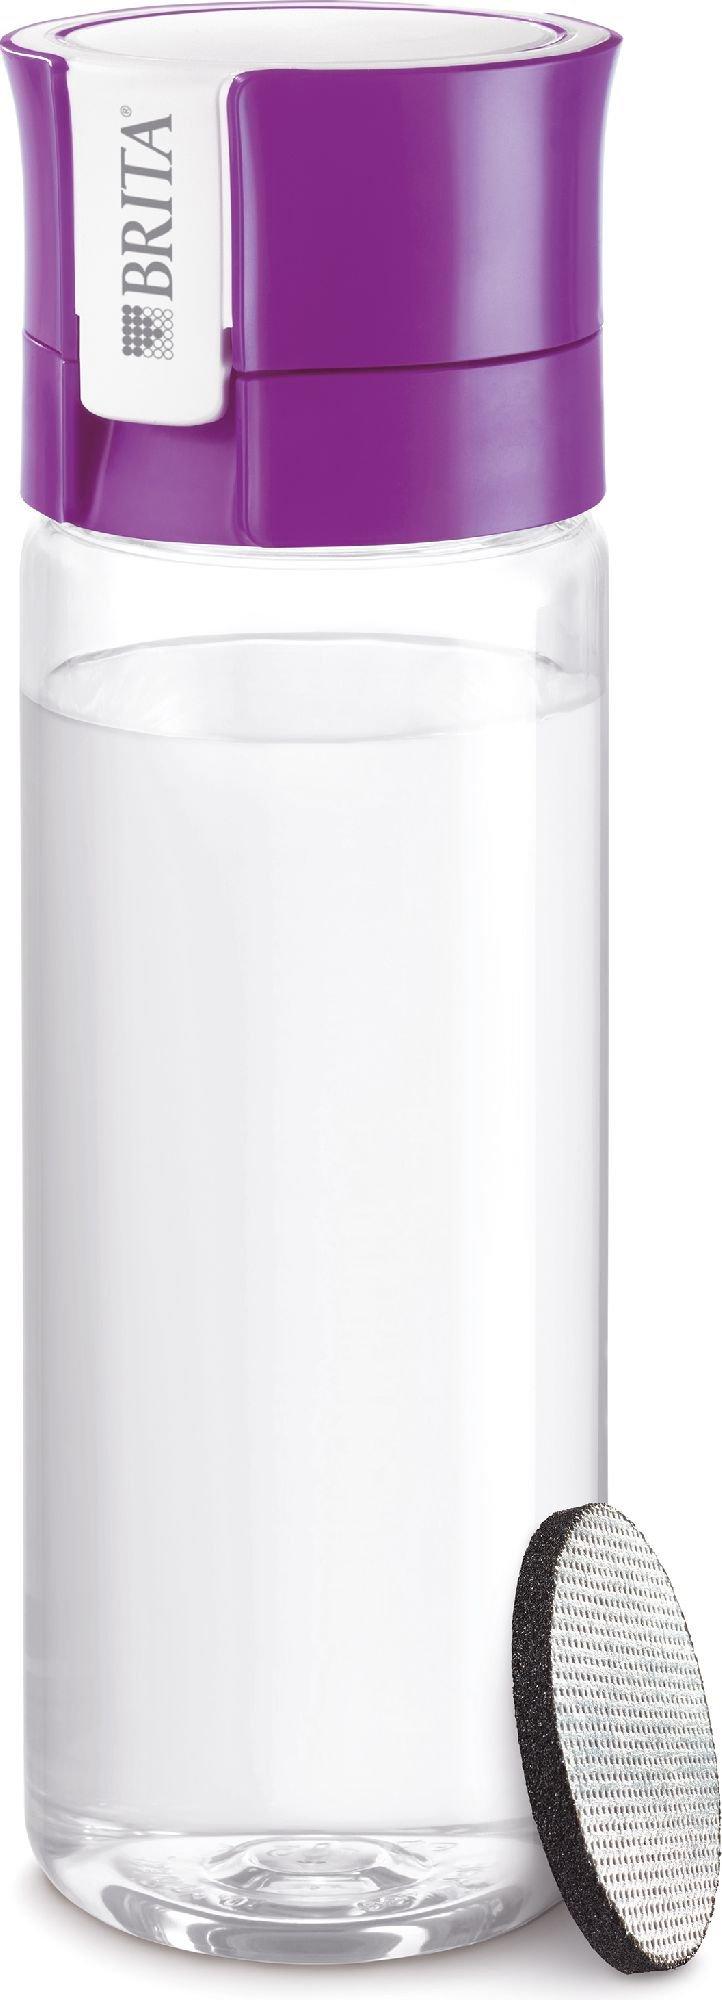 Brita Butelka filtrująca fill&go Vital fioletowa 600ml 1